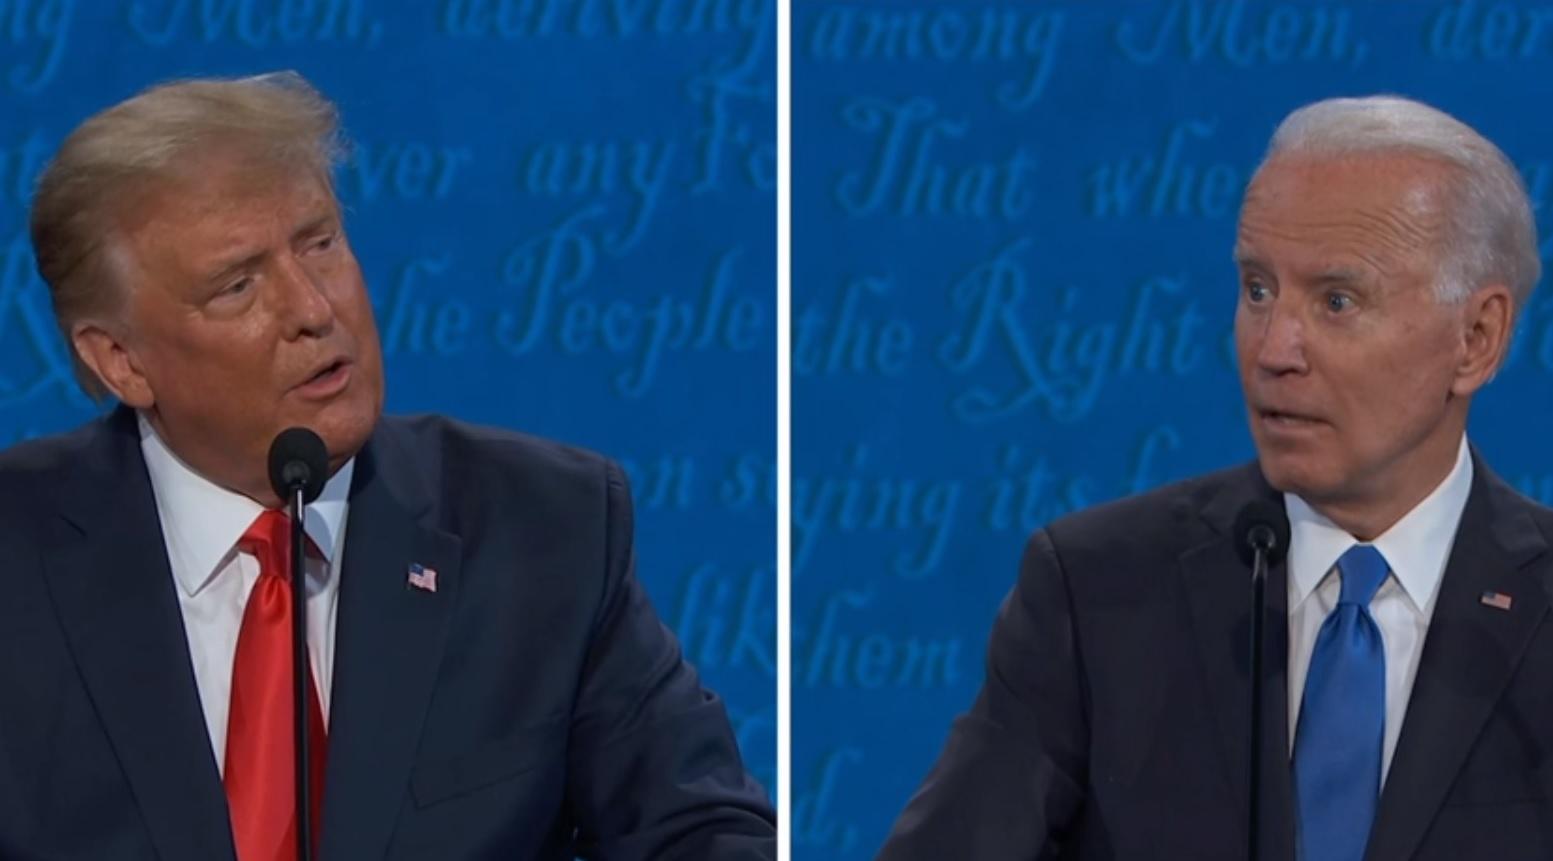 川普轟拜登向中國、烏克蘭拿錢!拜登譏川普和「惡棍」金正恩是麻吉 美總統大選辯論最終戰4大看點